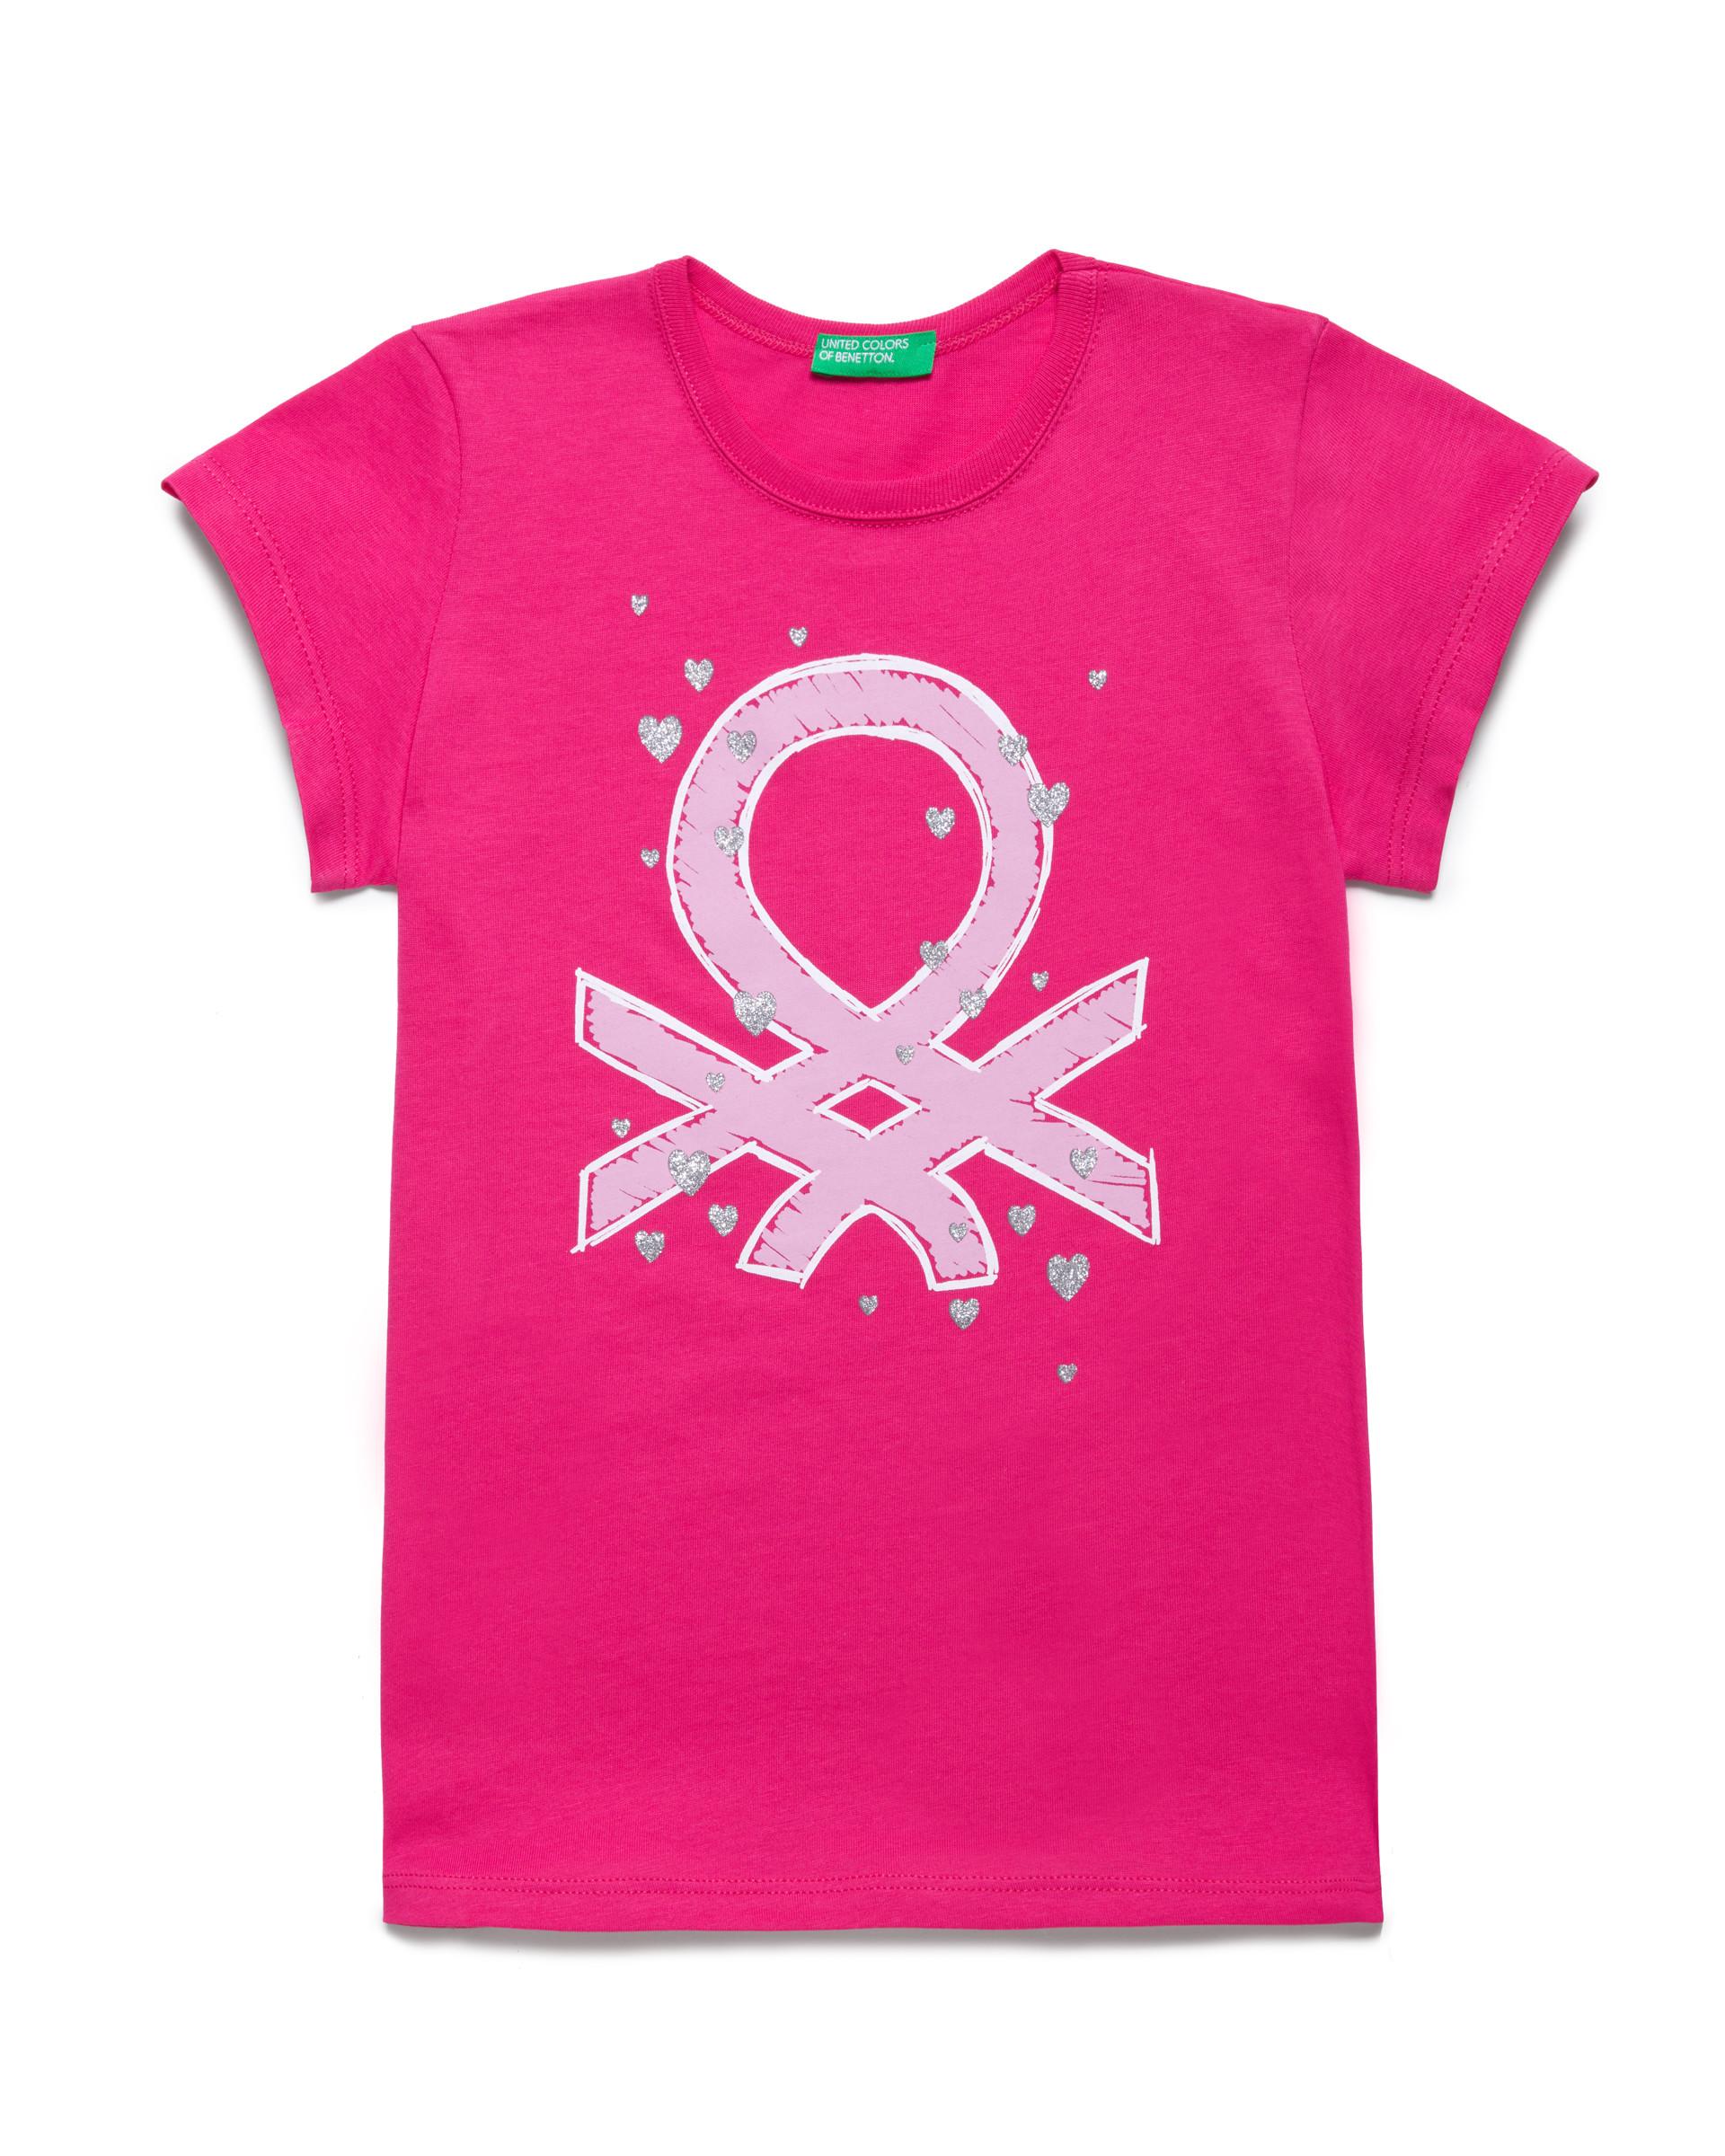 Купить 20P_3096C14J1_2L3, Футболка для девочек Benetton 3096C14J1_2L3 р-р 152, United Colors of Benetton, Футболки для девочек